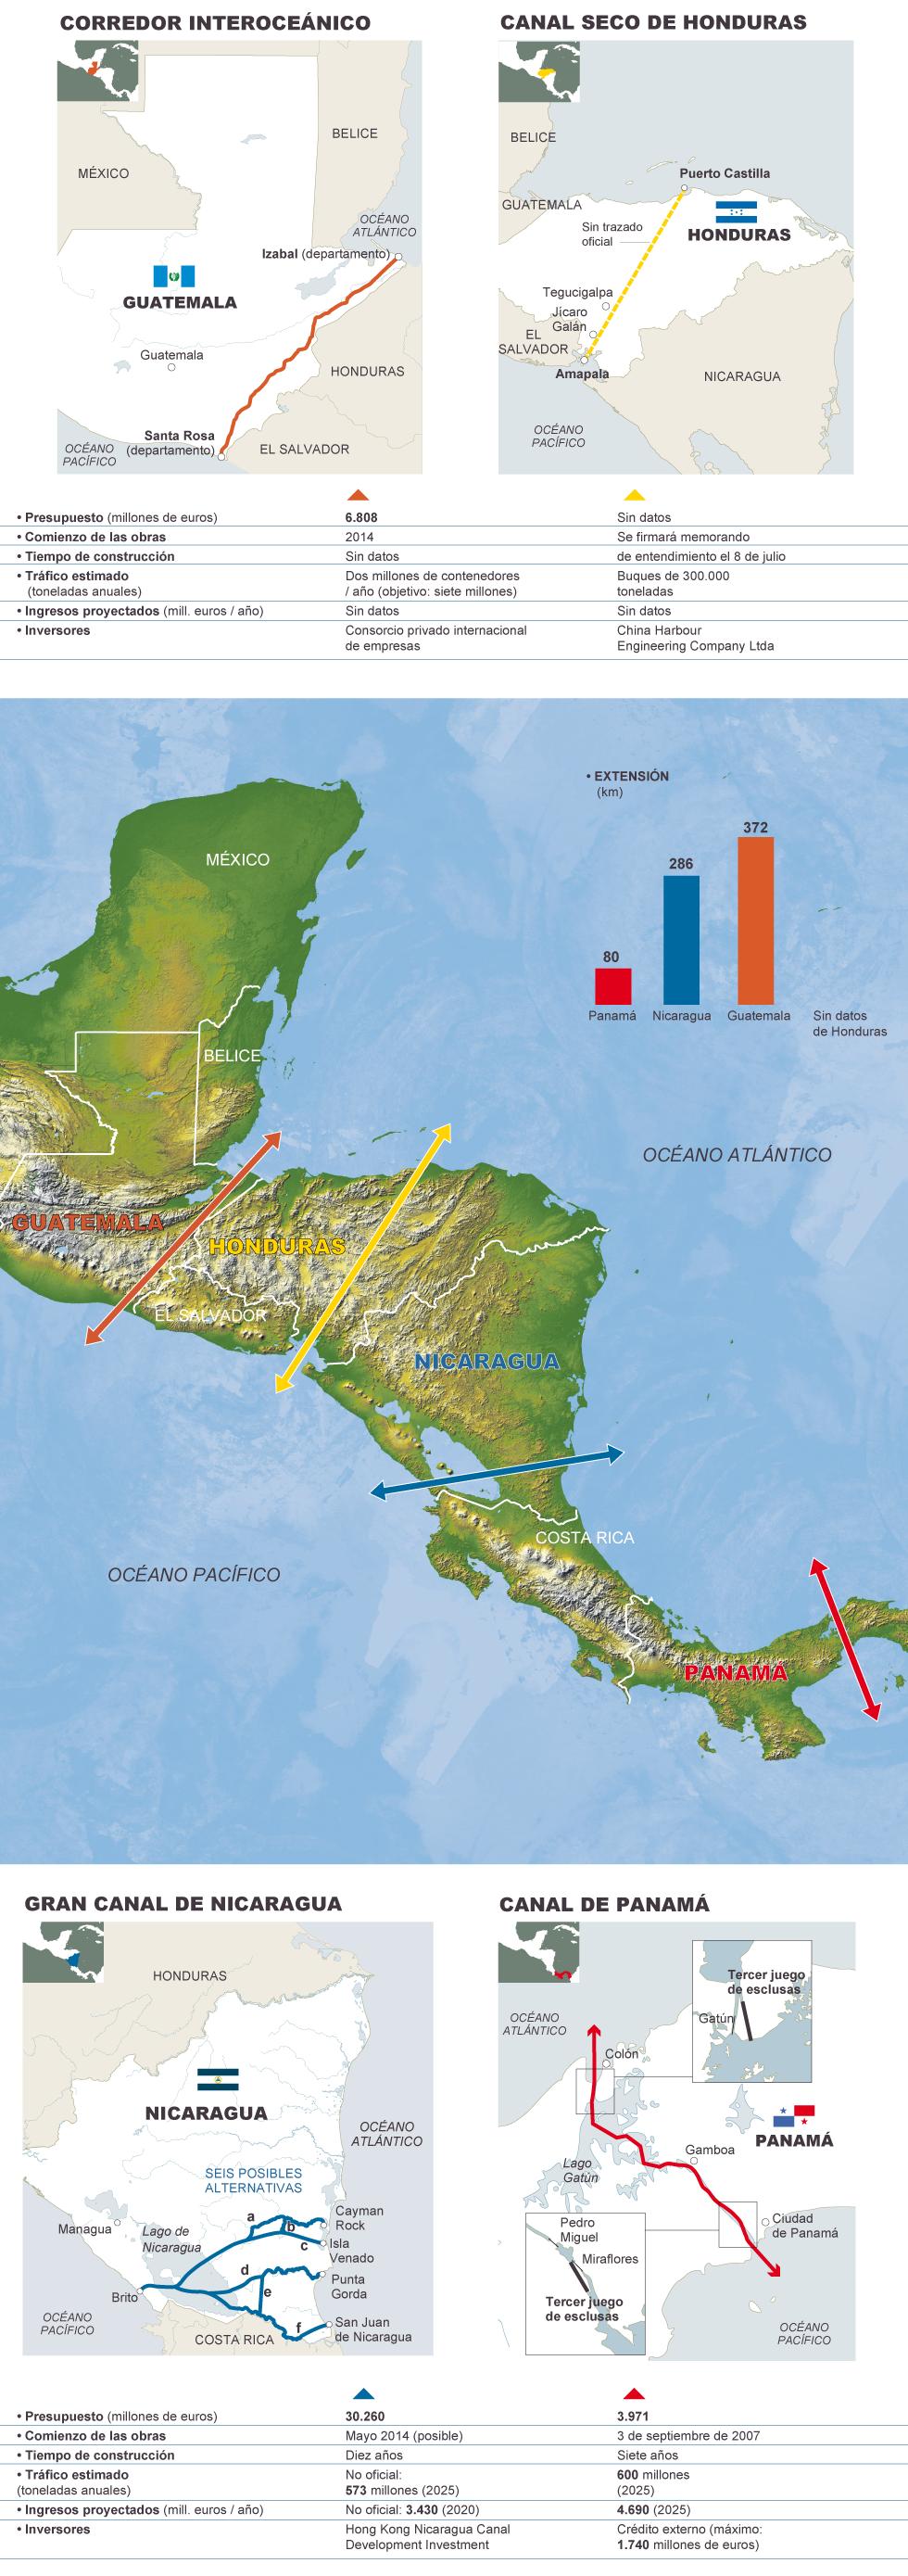 Canales y otras conexiones interoceánicas en Centroamérica: Panamá, Nicaragua, Guatemala, Honduras... China. 1371910683_709992_1371910716_noticia_normal